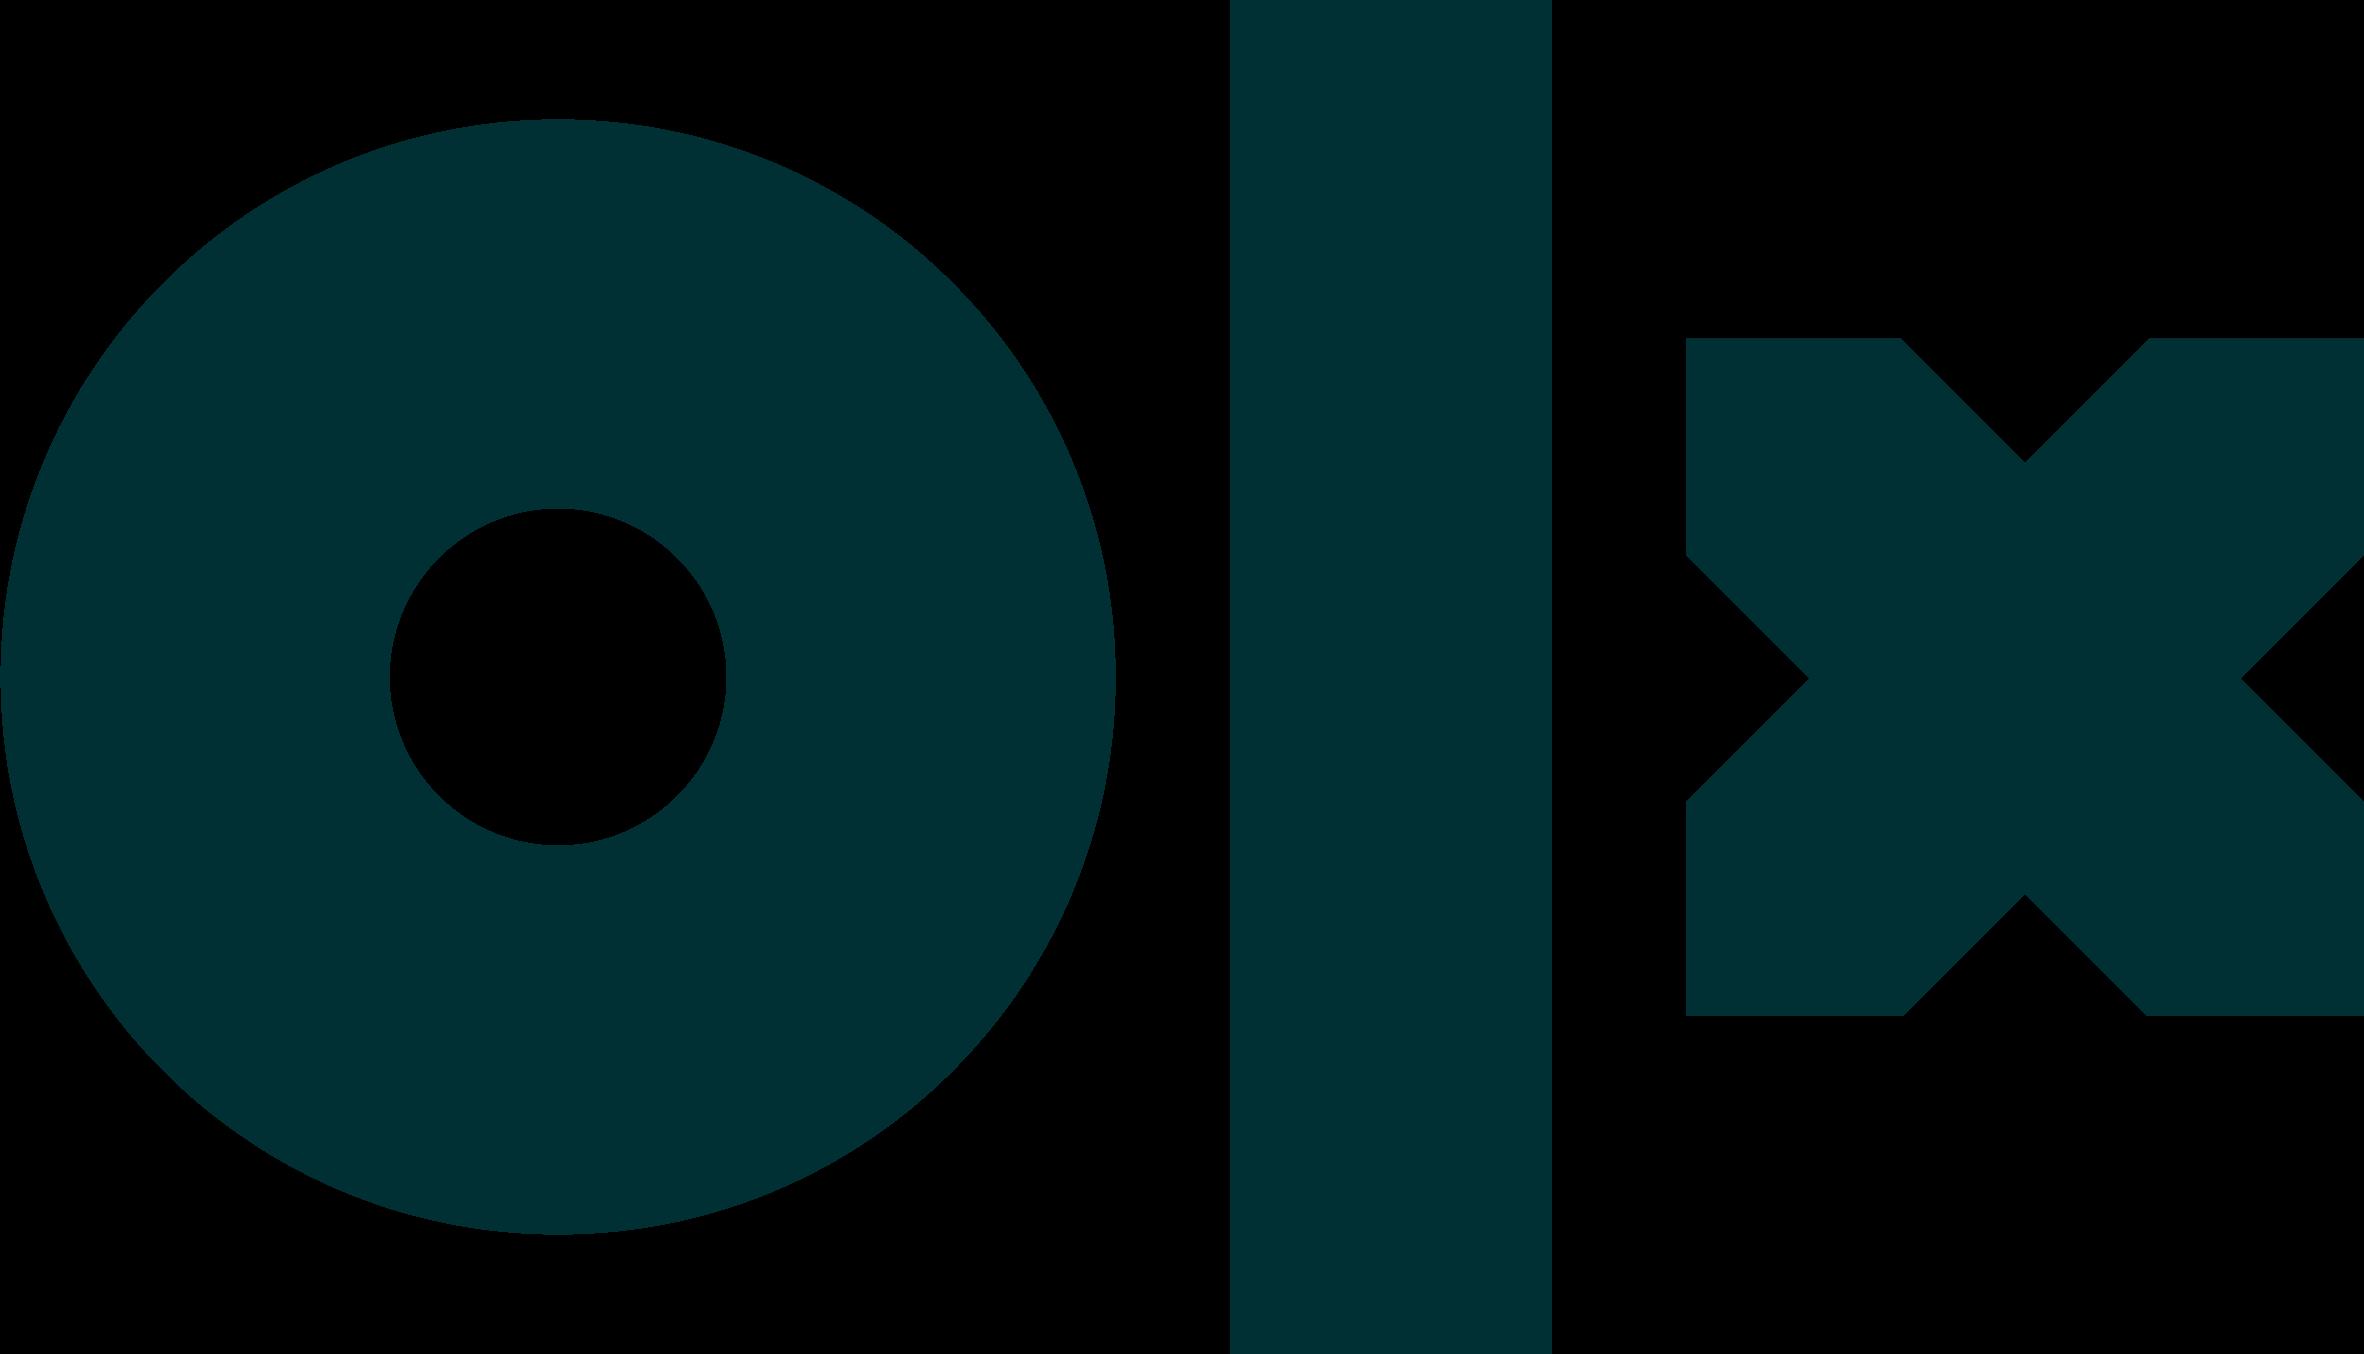 Logotyp_OLX_